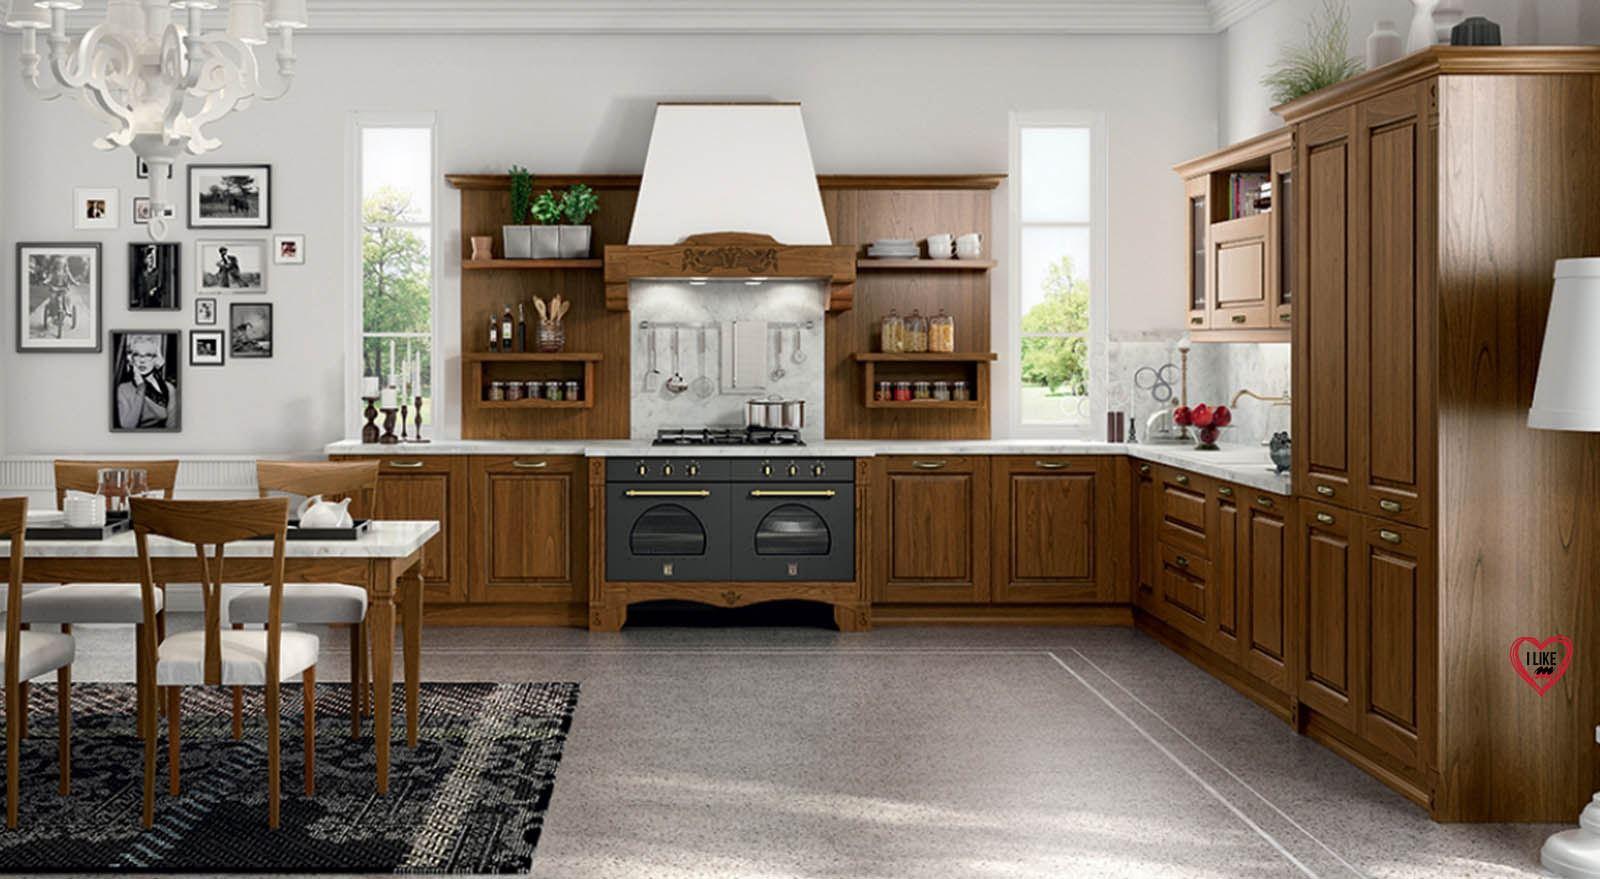 Cucine Classiche Bianche Legno. Cucine Componibili Classiche With ...